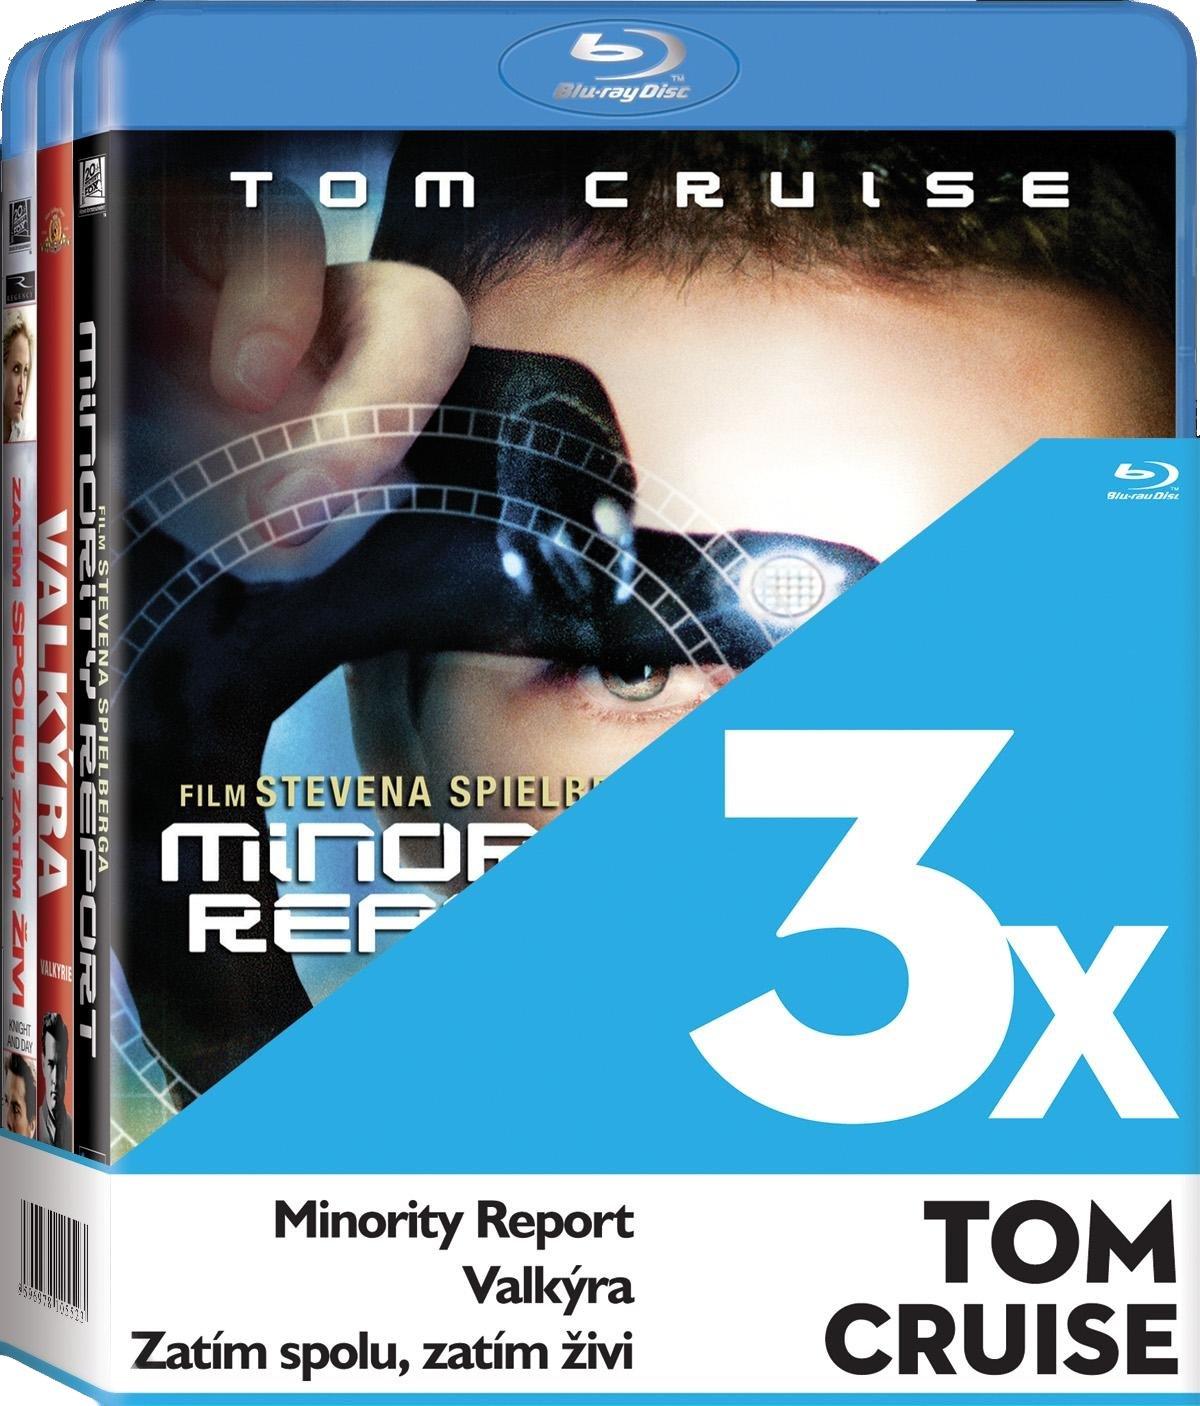 TOM CRUISE (VALKÝRA,MINORITY REPORT,ZATÍM SPOLU,ZATÍM ŽIVÍ ) - Blu-ray